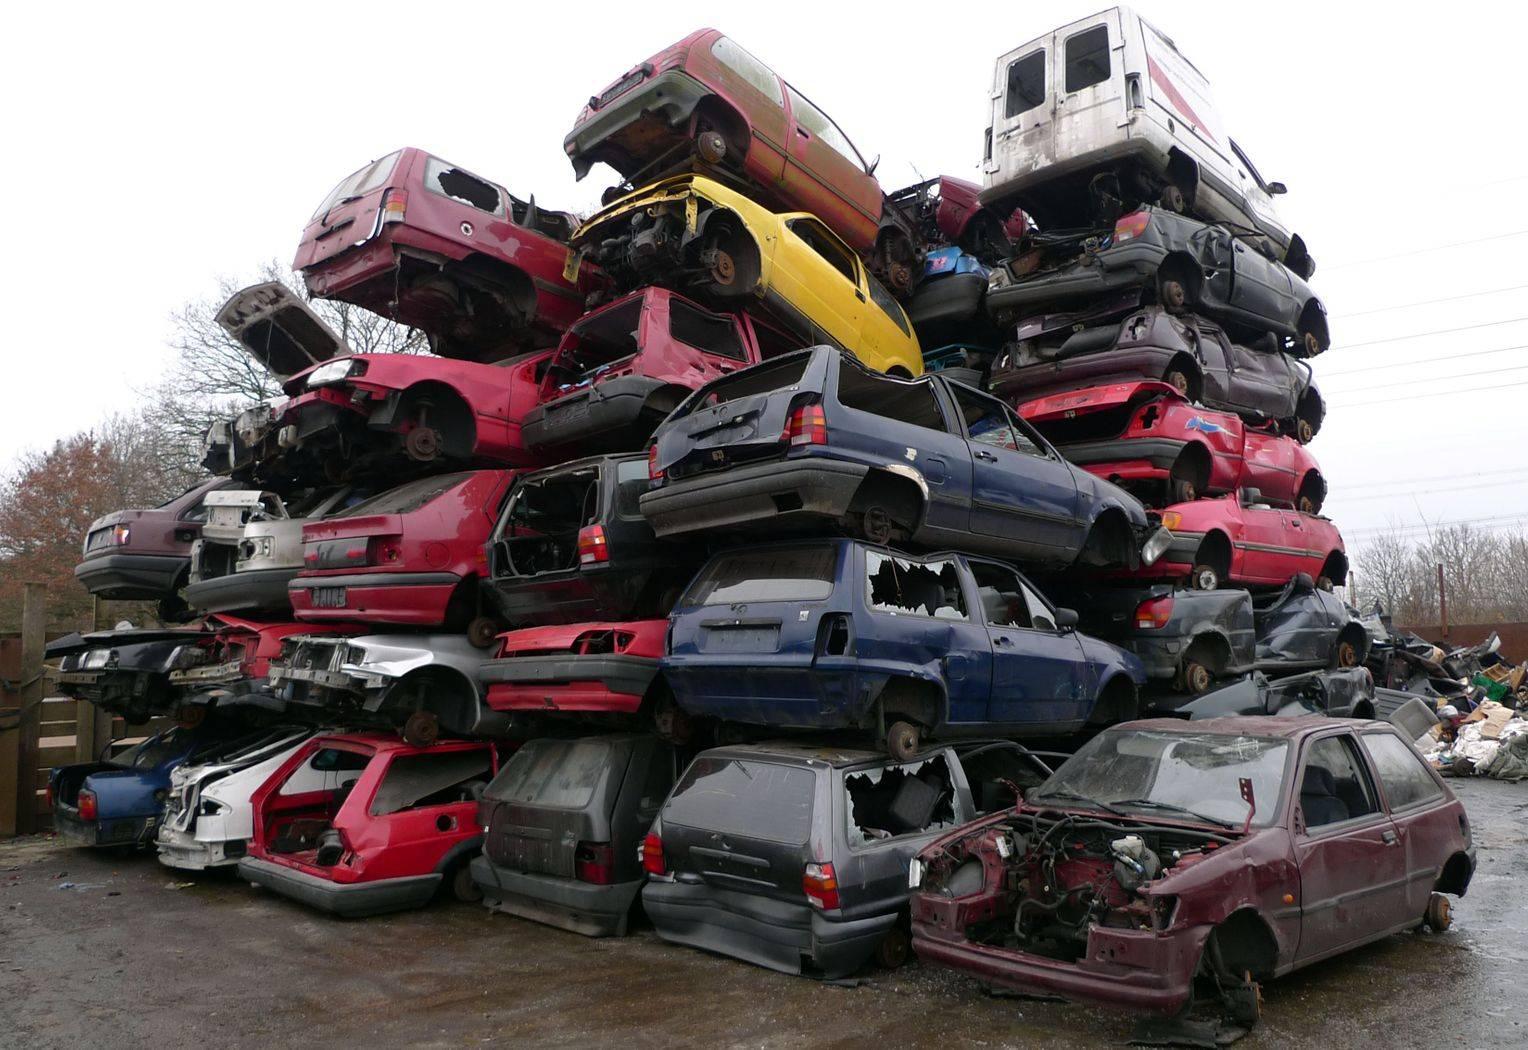 Автомобильные свалки в германии: как проходит утилизация авто